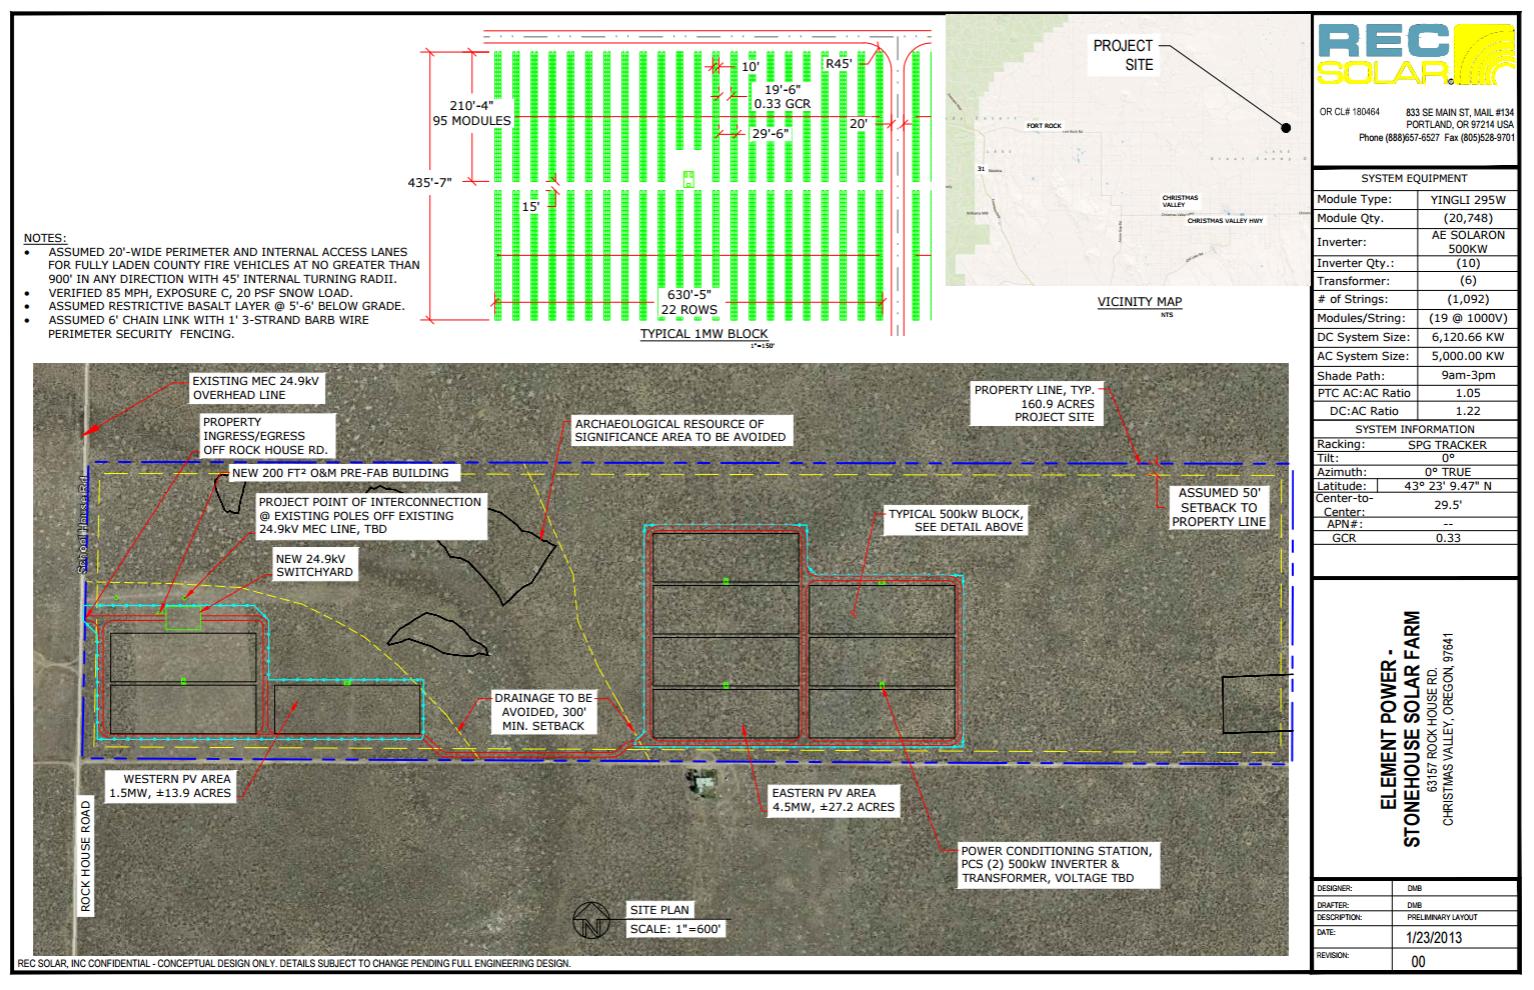 5 MW-ac / 7 MW-dc Site Layout